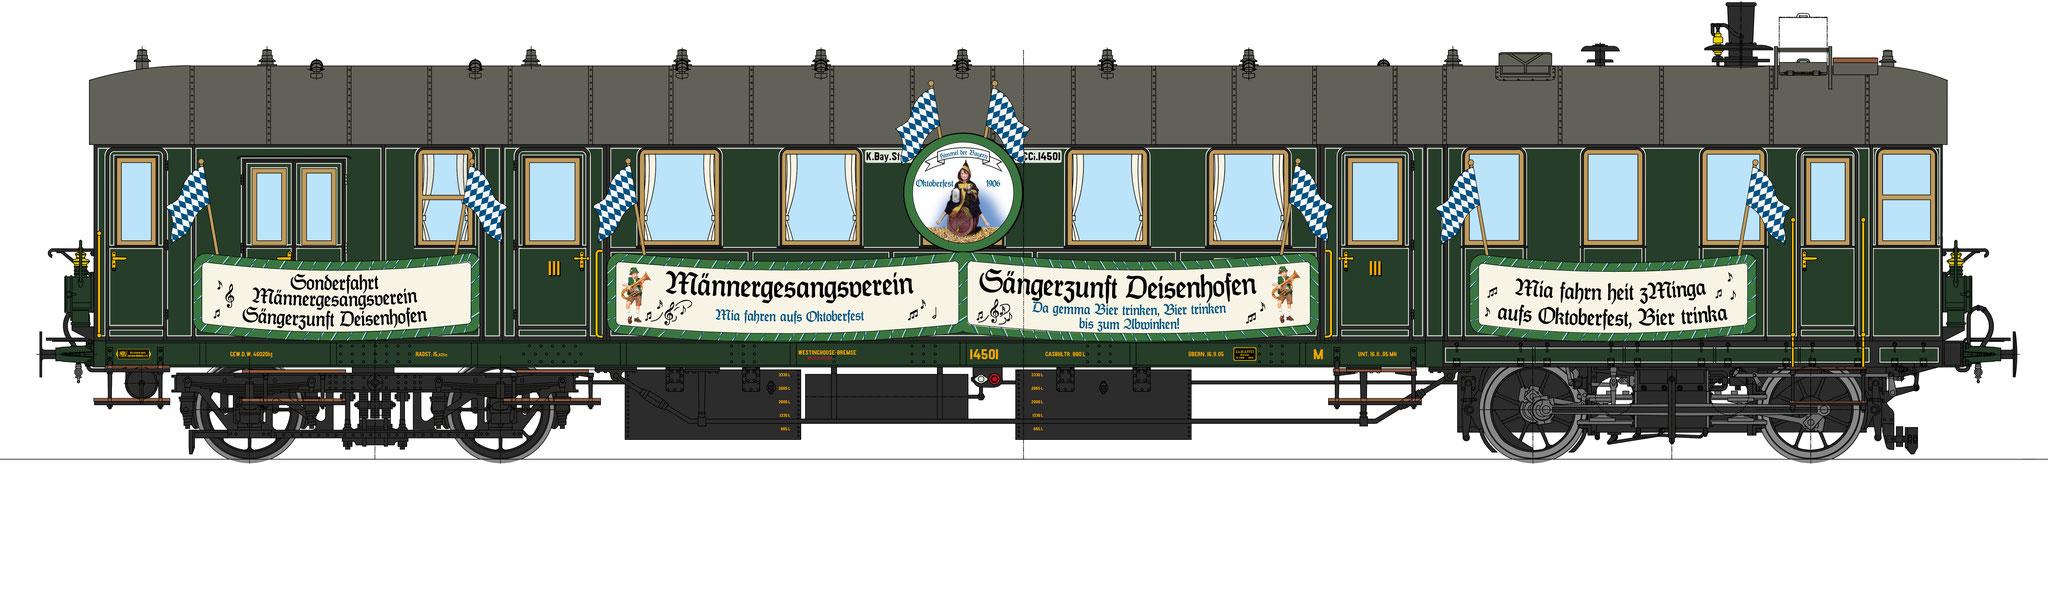 """Best.-Nr. 11041, Lok-Nr. 14501, """"Sängerzunft"""", Bauzustand 1906"""